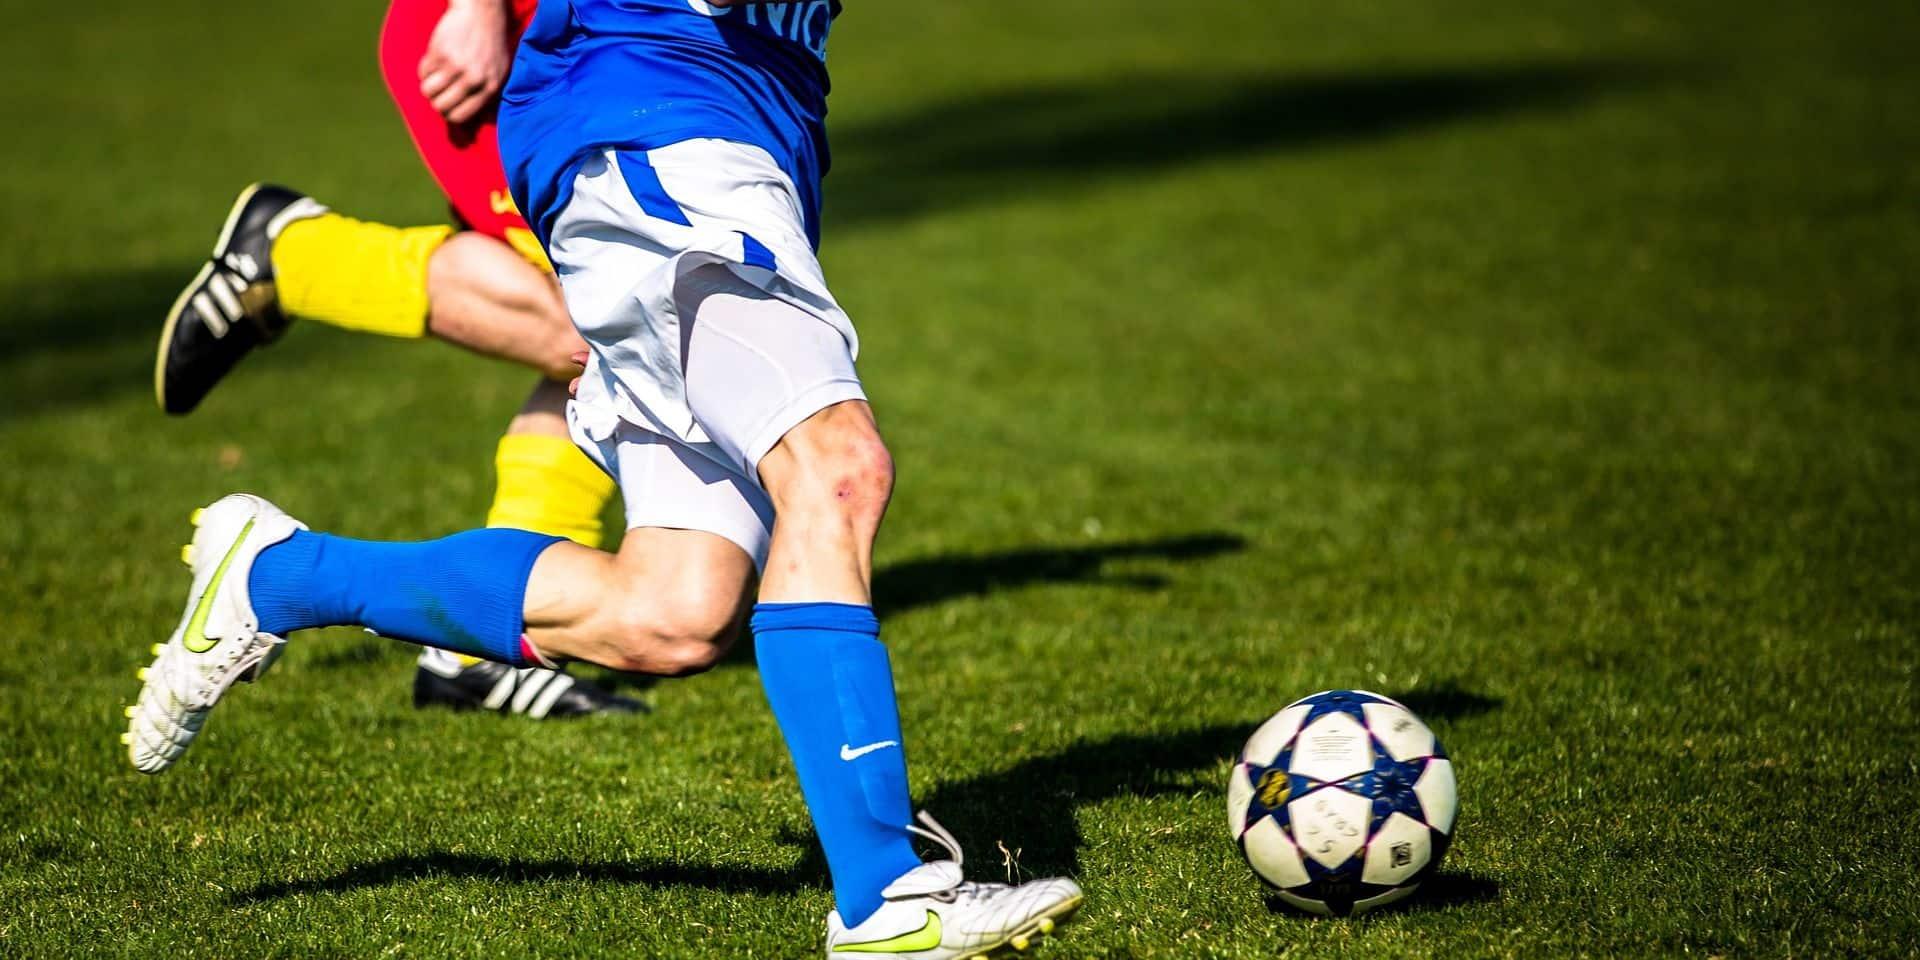 Calendrier: la Coupe de Belgique début août, la Nationale 1 le deuxième week-end de septembre